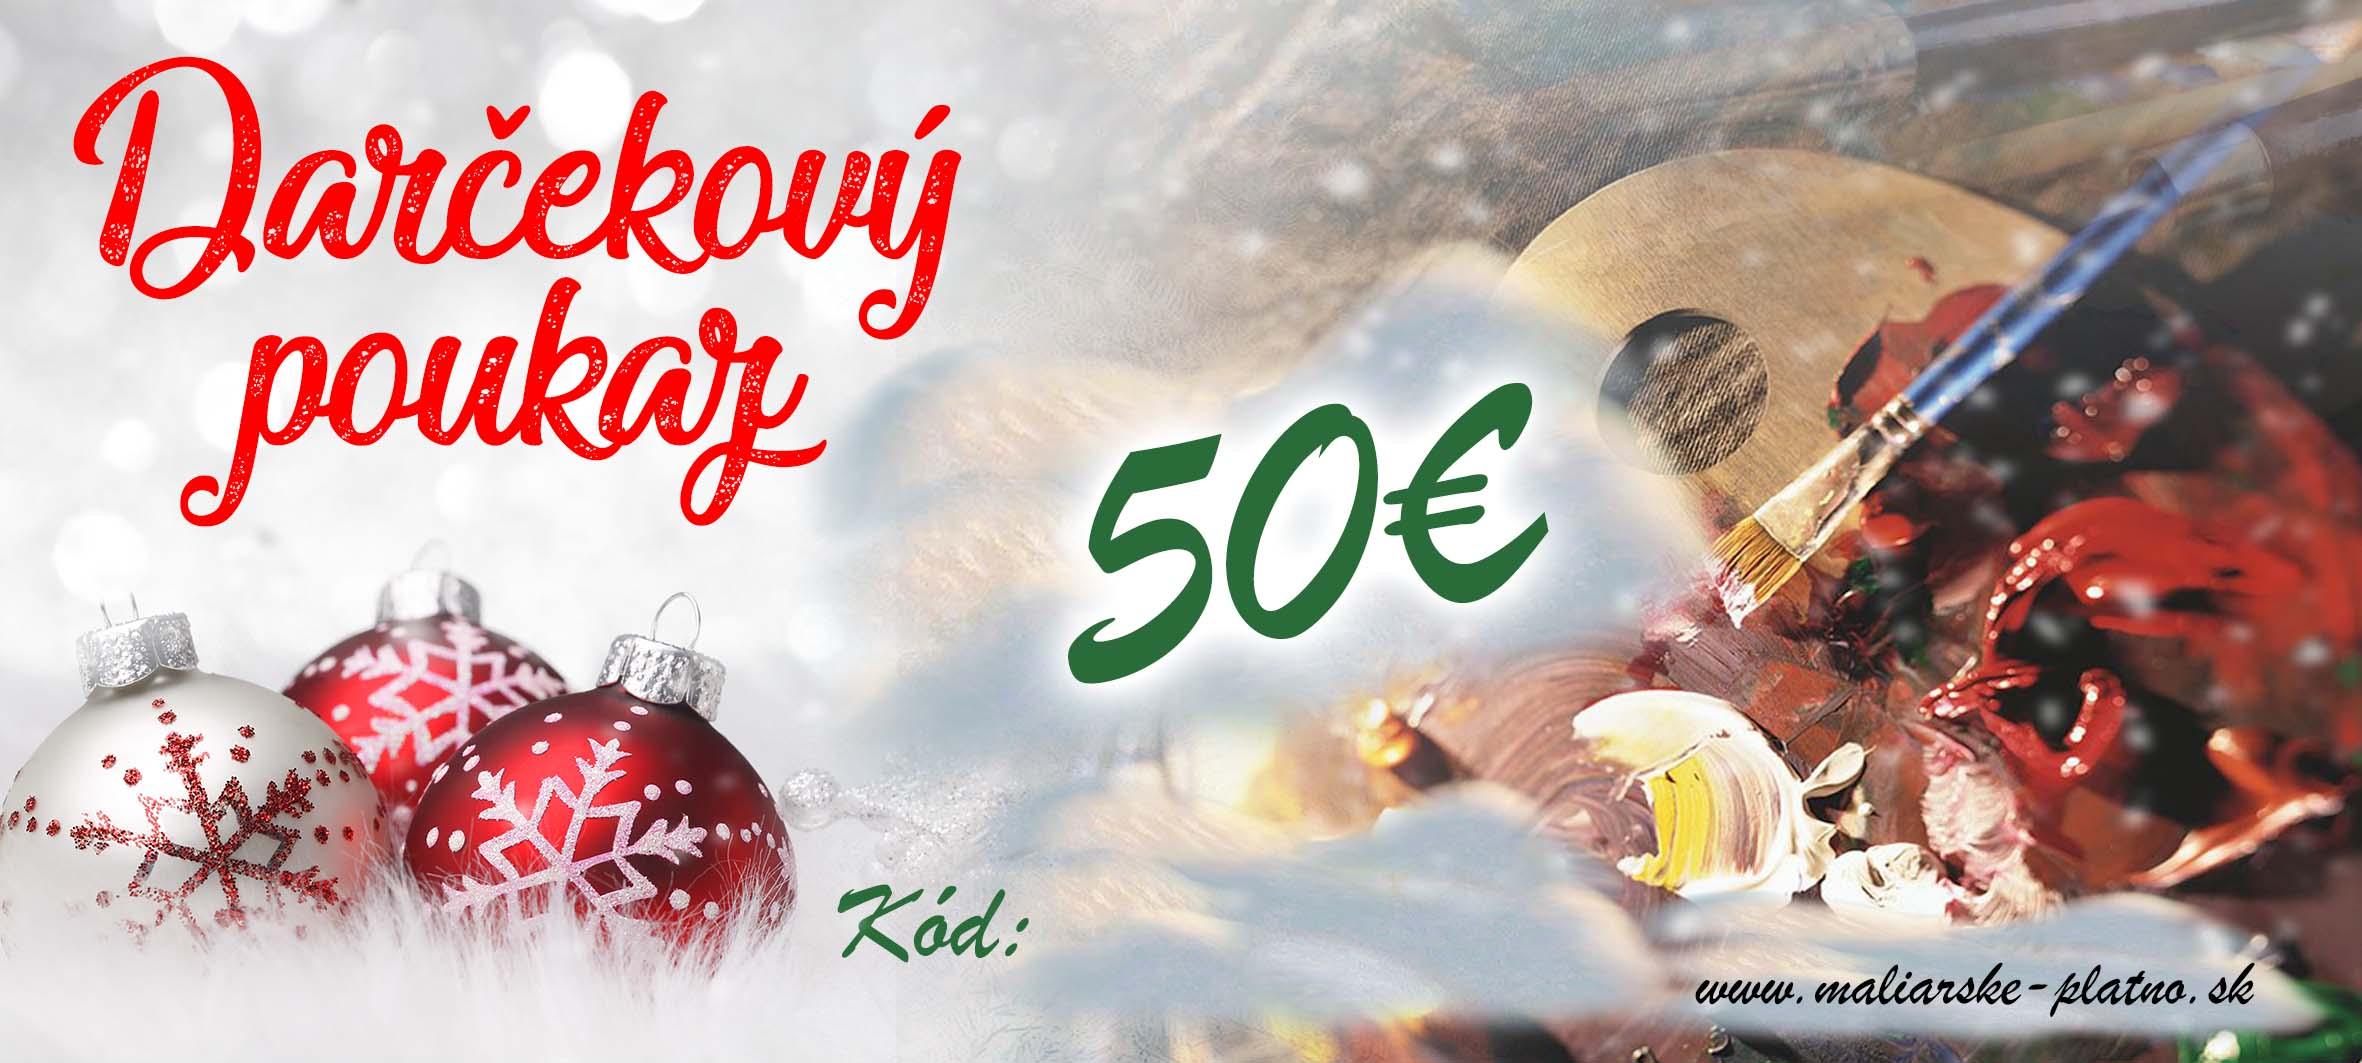 122f31b1e Vianočný darčekový poukaz 2 - 50 €